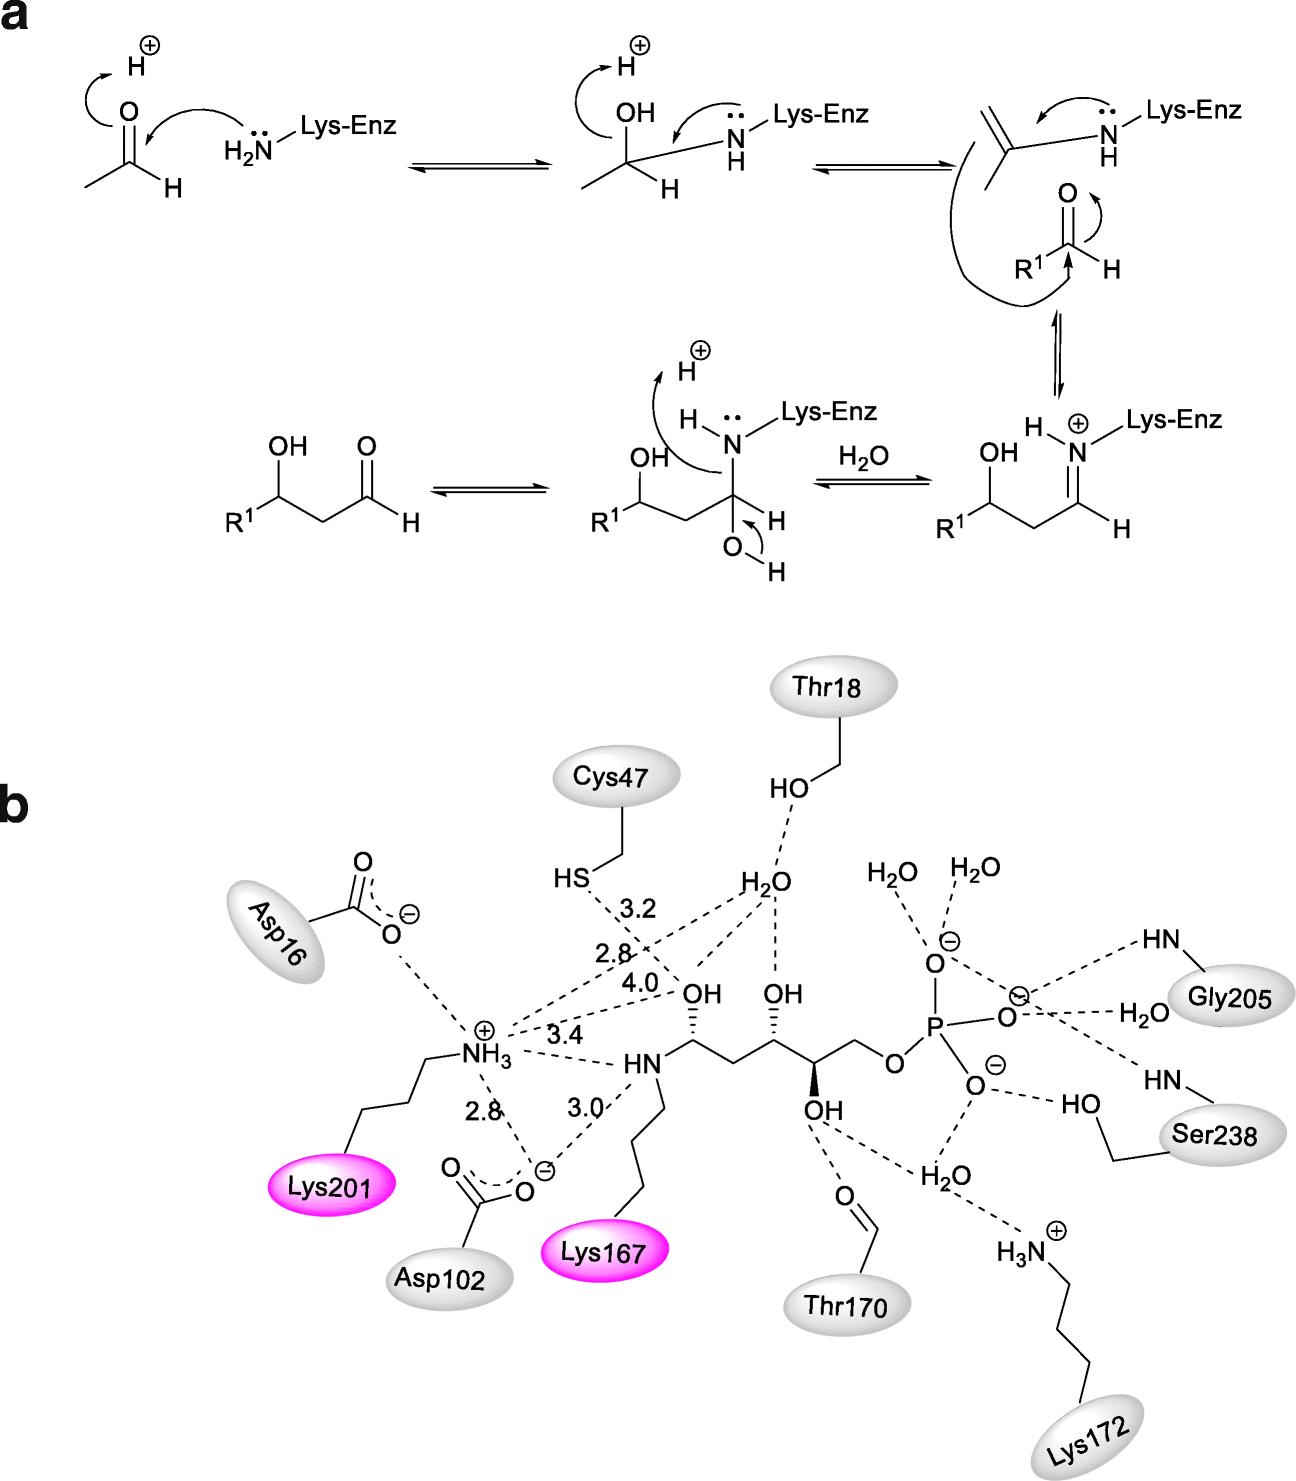 diagram of ribose deoxy scheme 4 2 deoxy d ribose 5 phosphate aldolase  dera  2 deoxy d ribose 5 phosphate aldolase